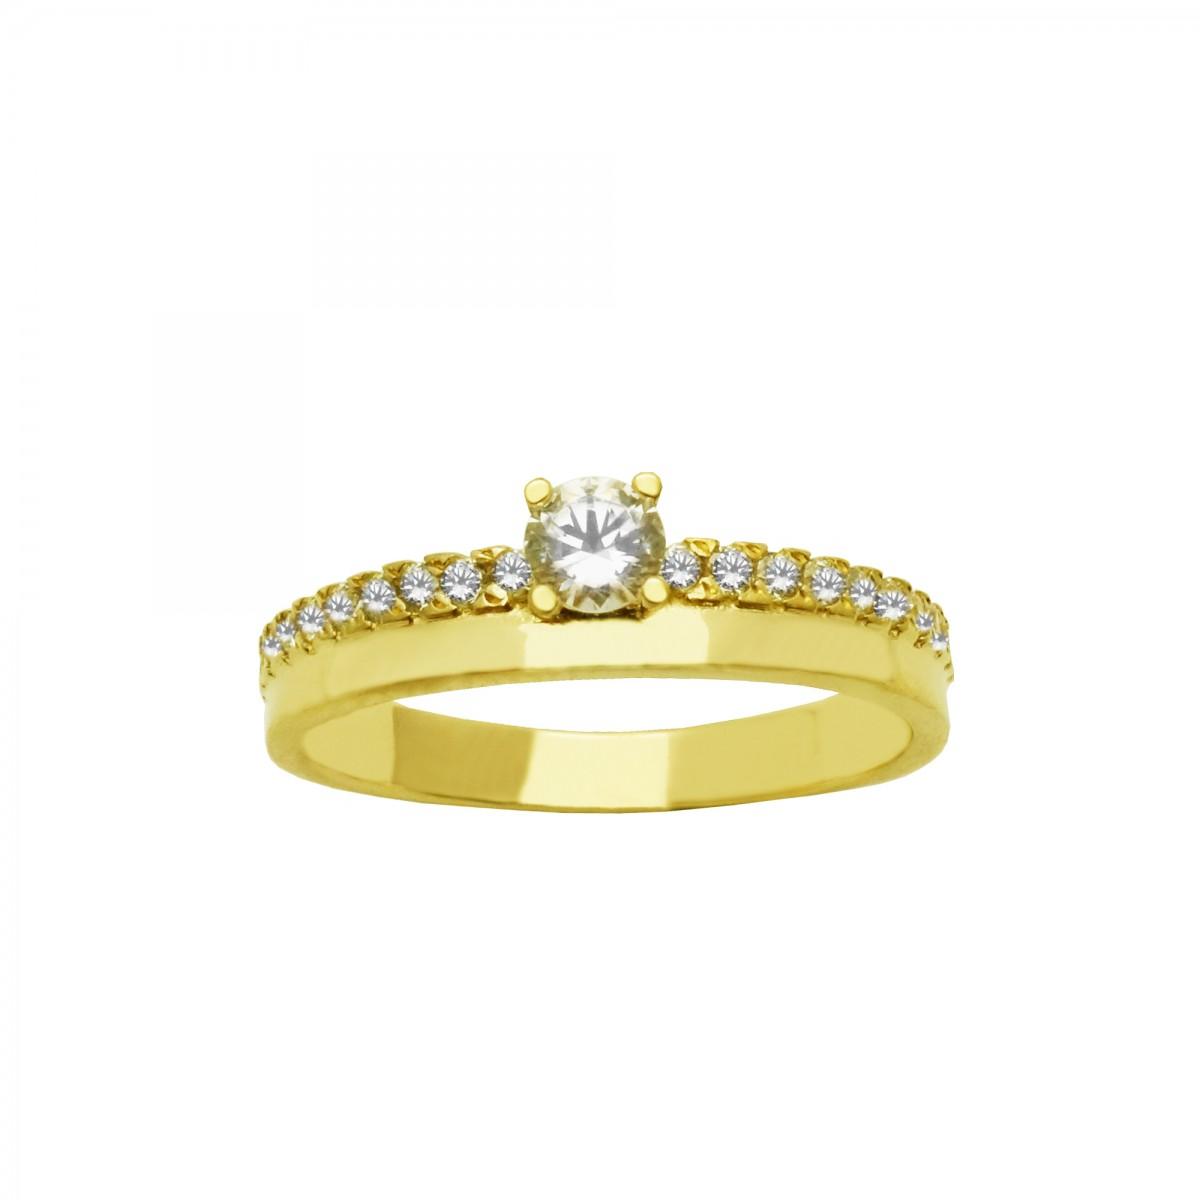 Μονόπετρο δαχτυλίδι χρυσό 14 καράτια με ζιργκόν - 205€ be3a91c0368